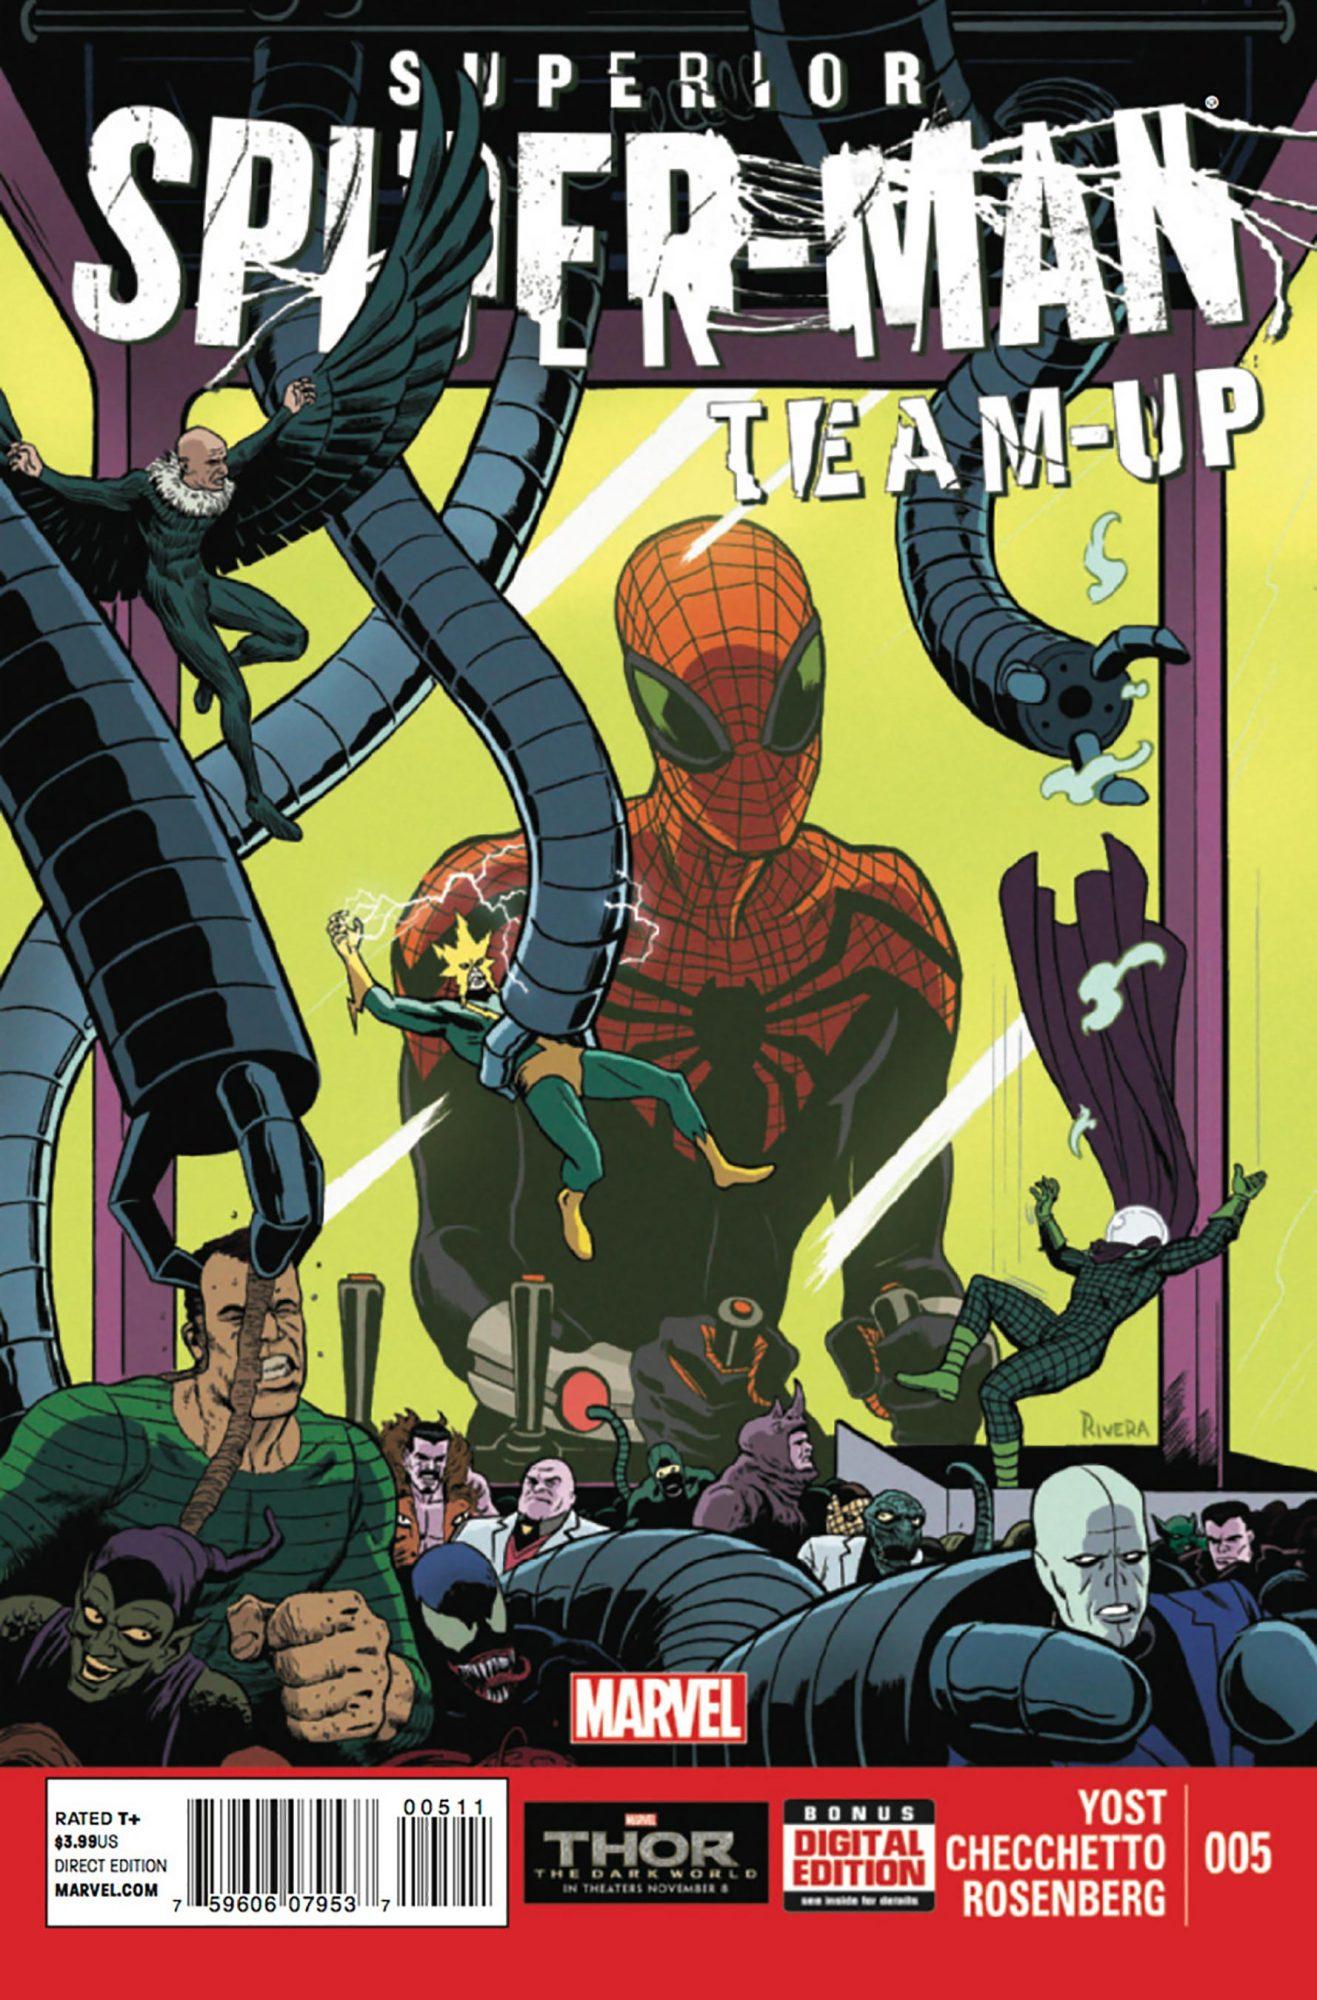 Superior Spider-Man Team-Up #5Artist: Paolo Rivera, 2013